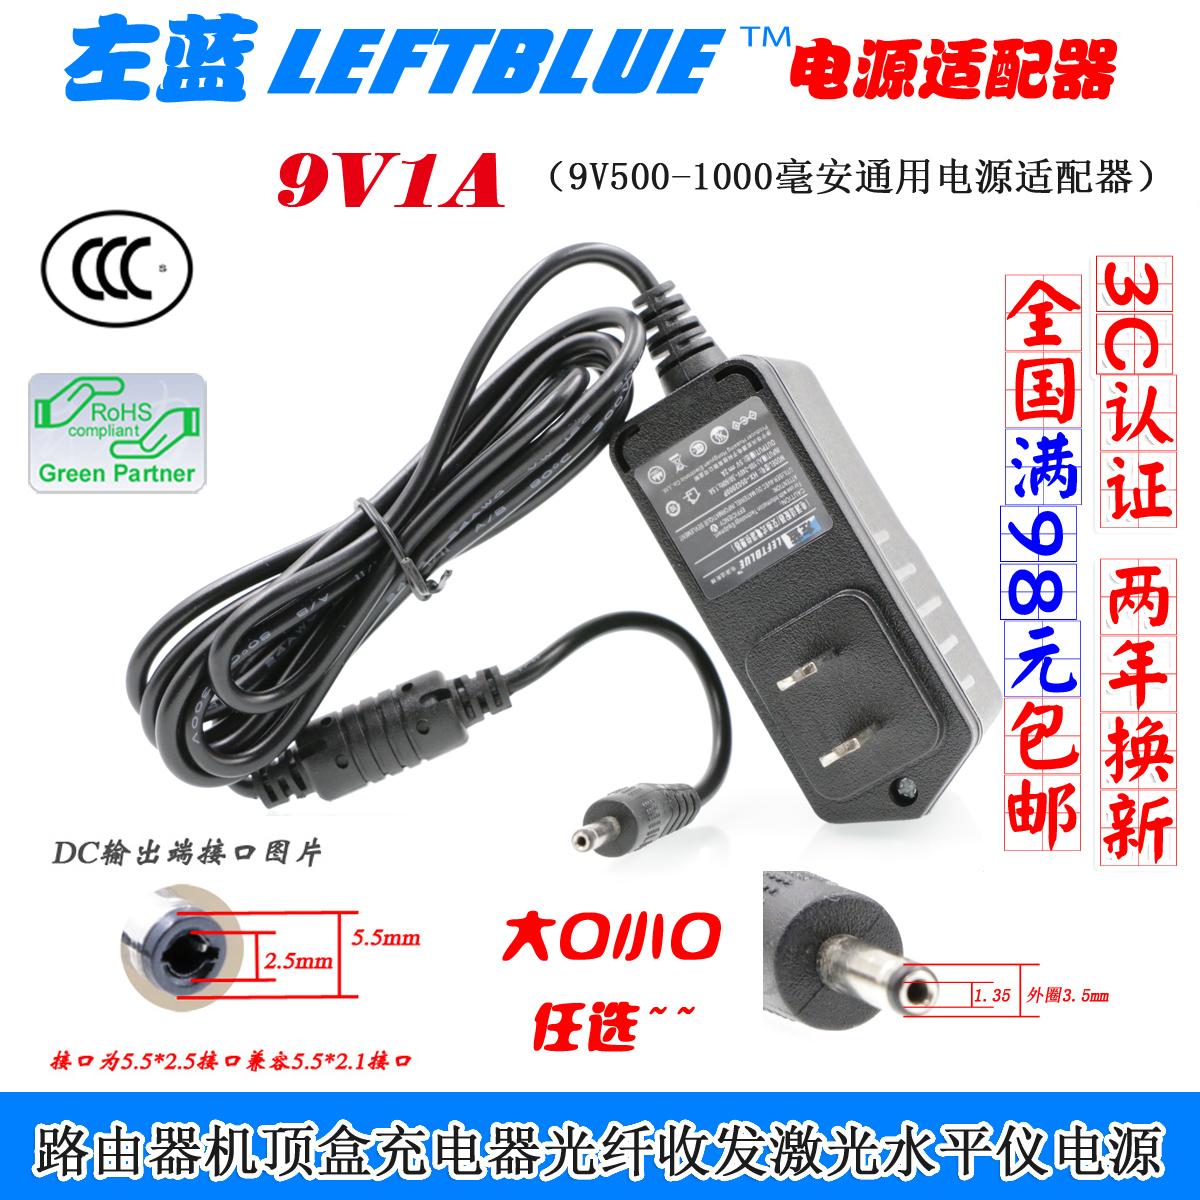 LEFTBLUE слева синий 9V1A адаптер питания маршрутизация это кошка динамик 9V0.6-1A общий источник питания зарядное устройство